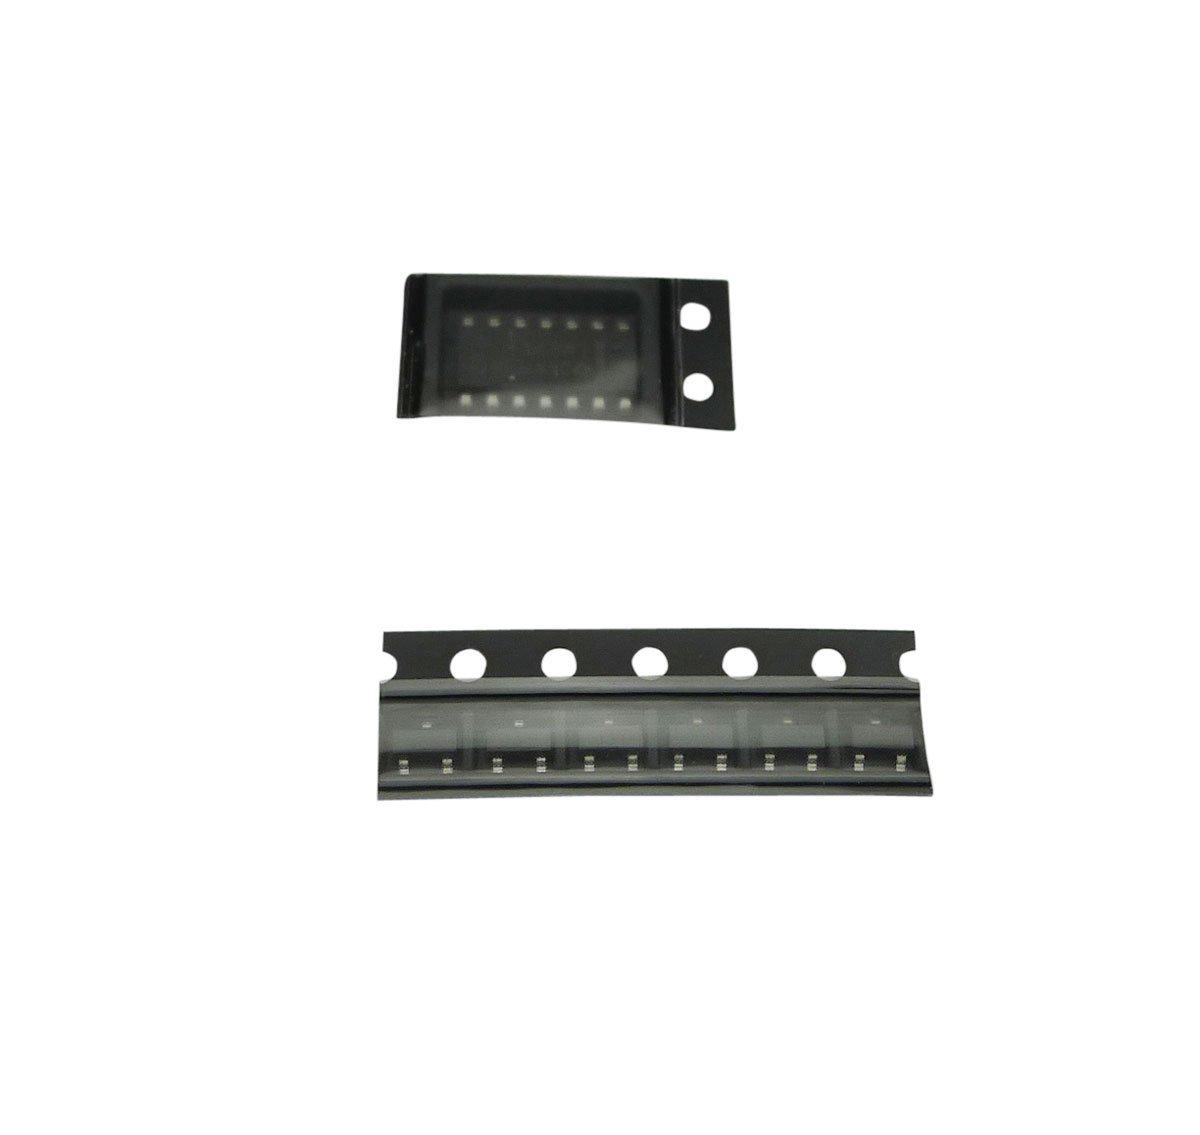 Aihasd 2 X SMT SMD Componente Tablero de la práctica de Soldadura Kit